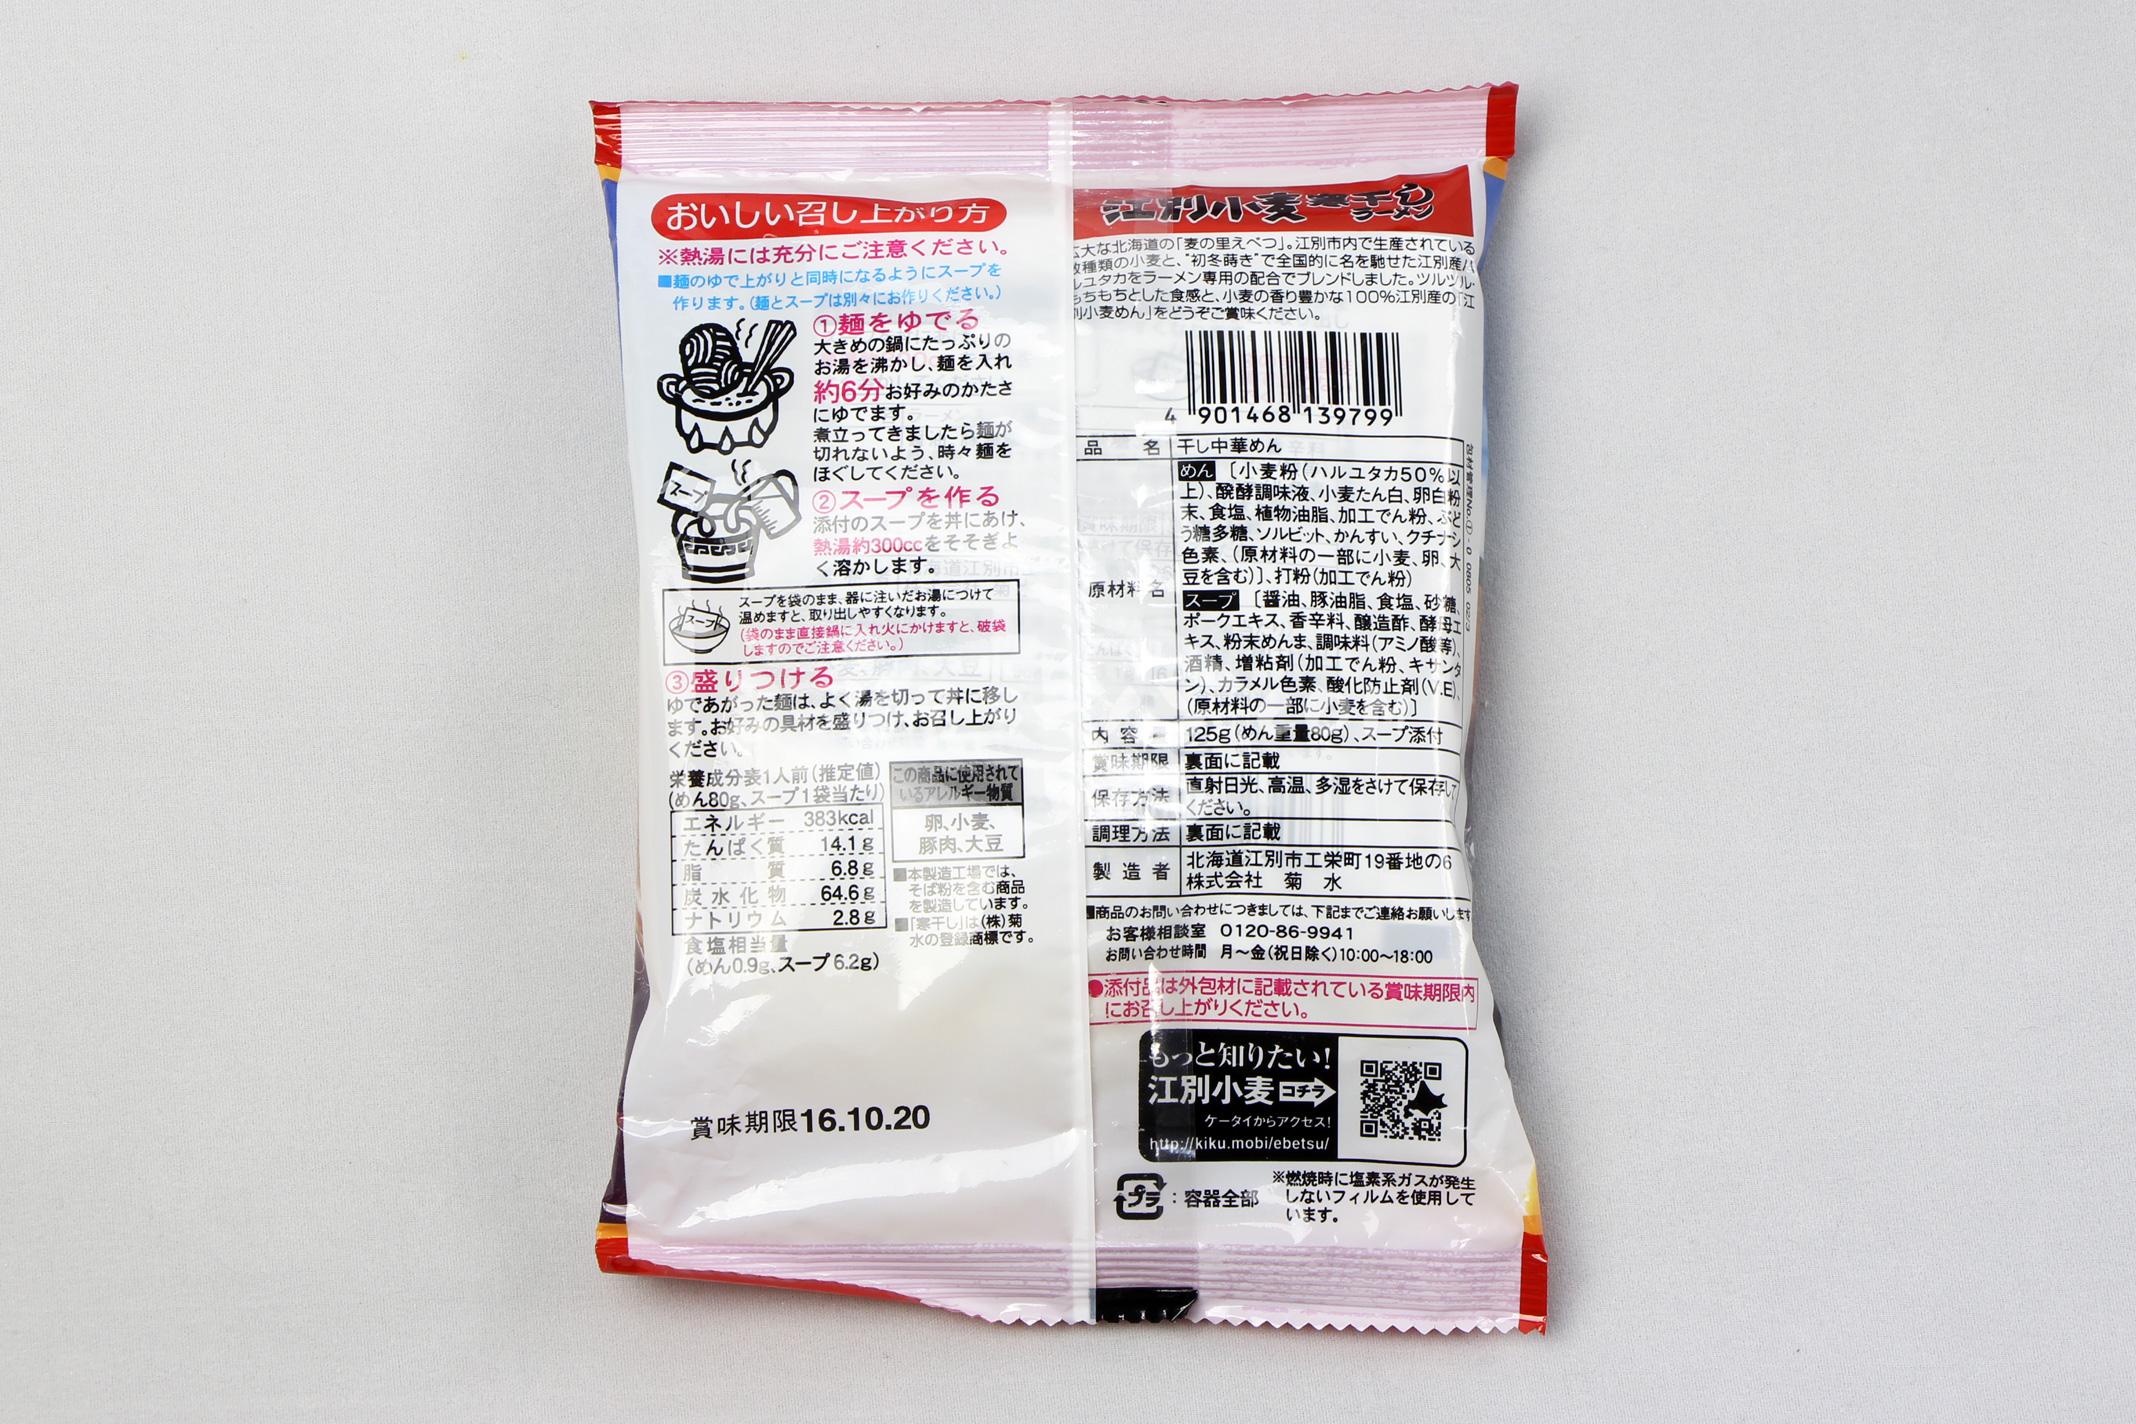 「江別小麦 寒干し 醬油味(1人前)」(菊水)のパッケージ(裏)